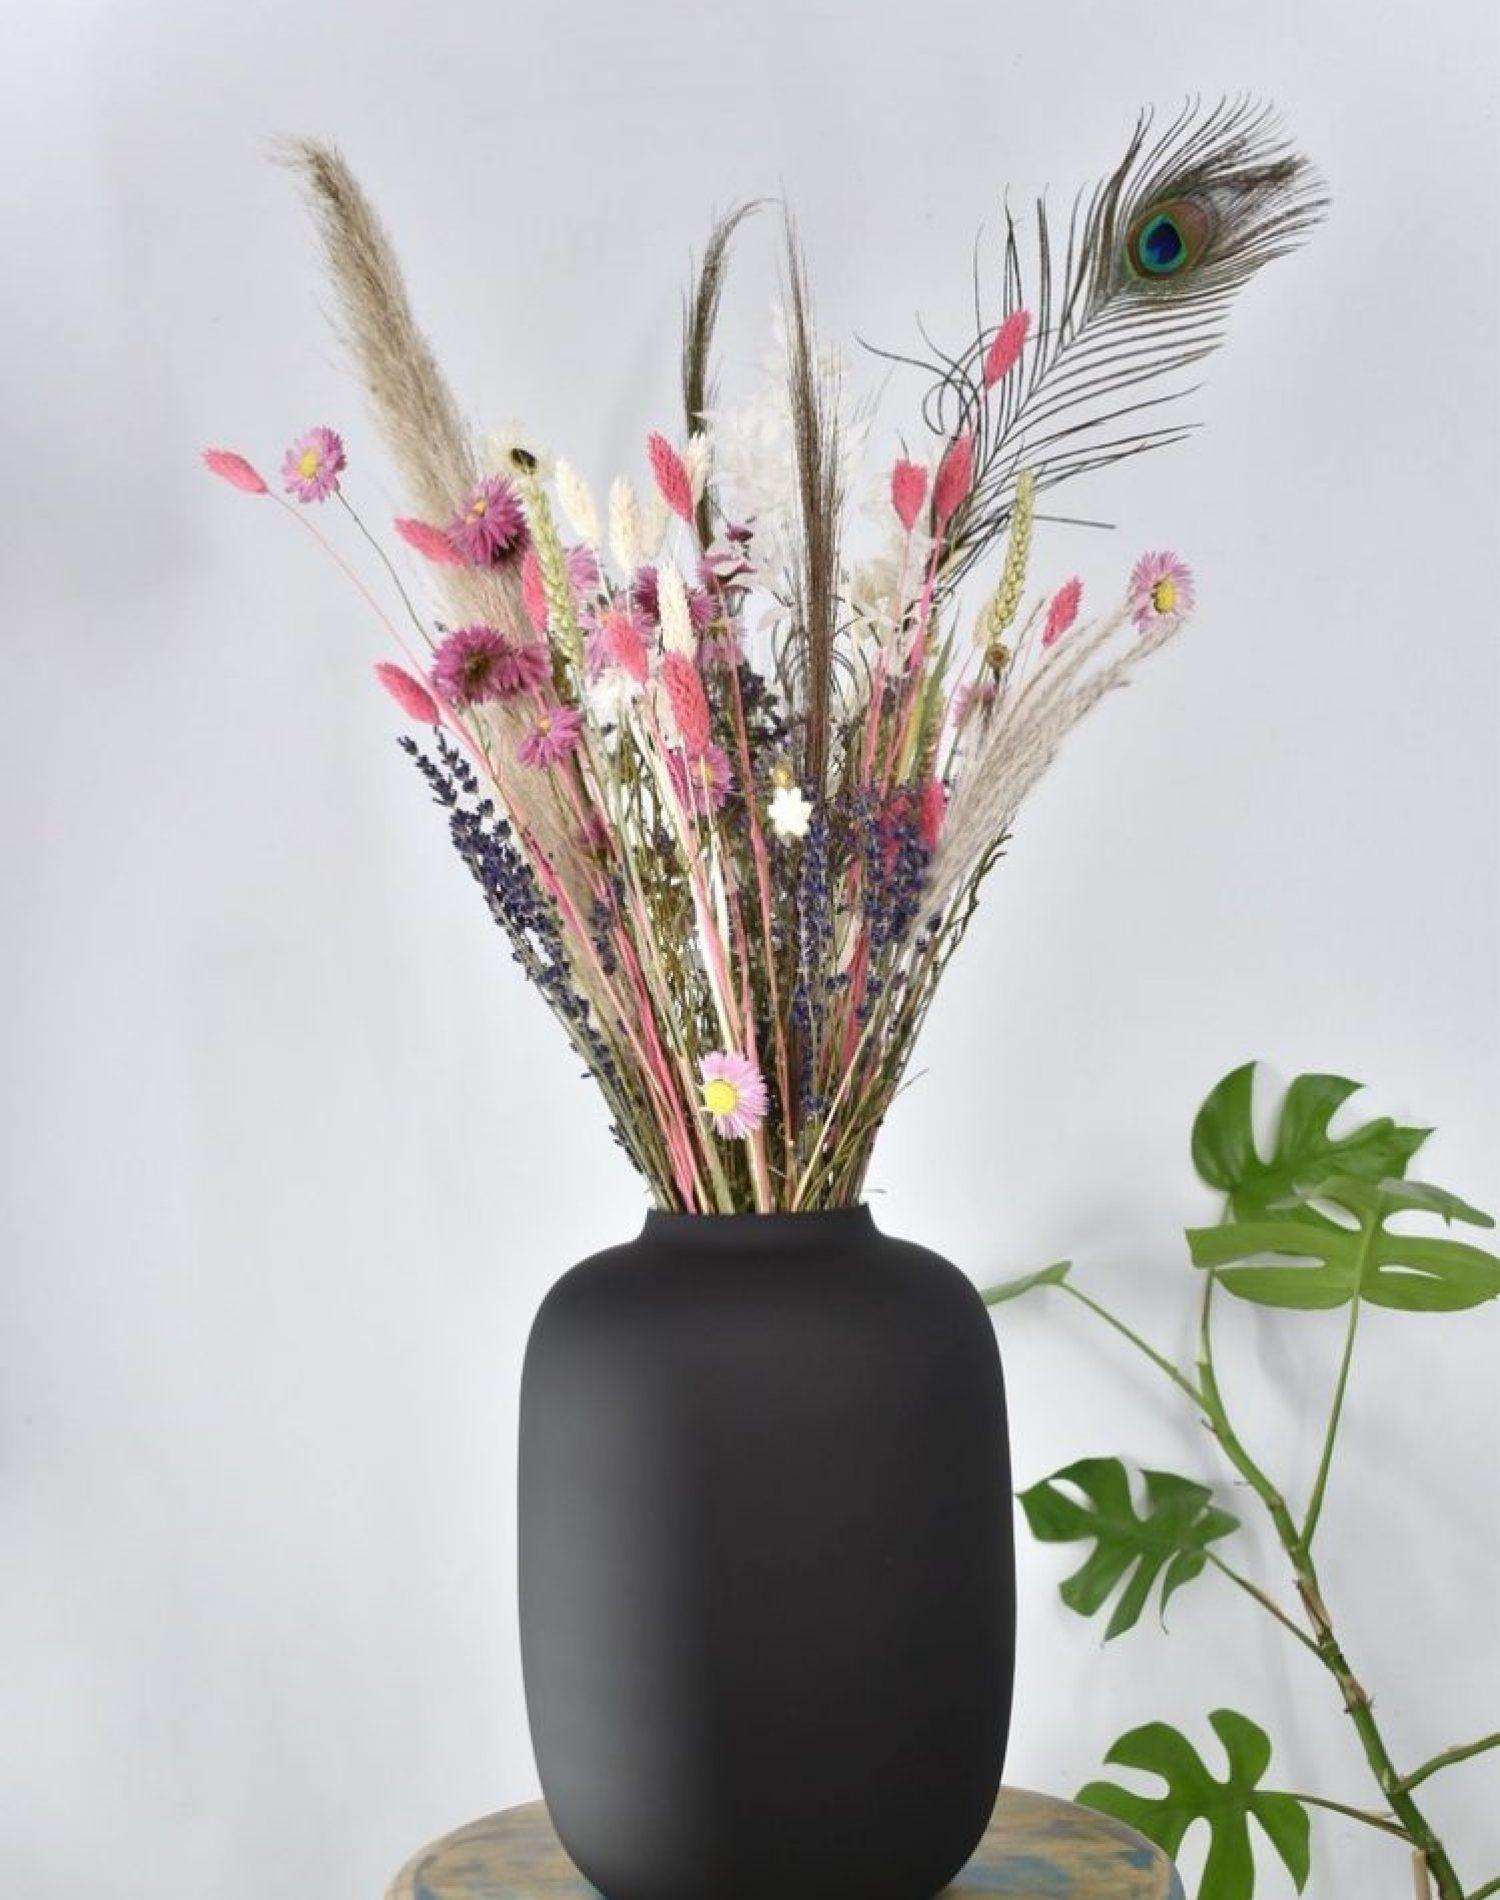 zwarte vaas en droogbloemen